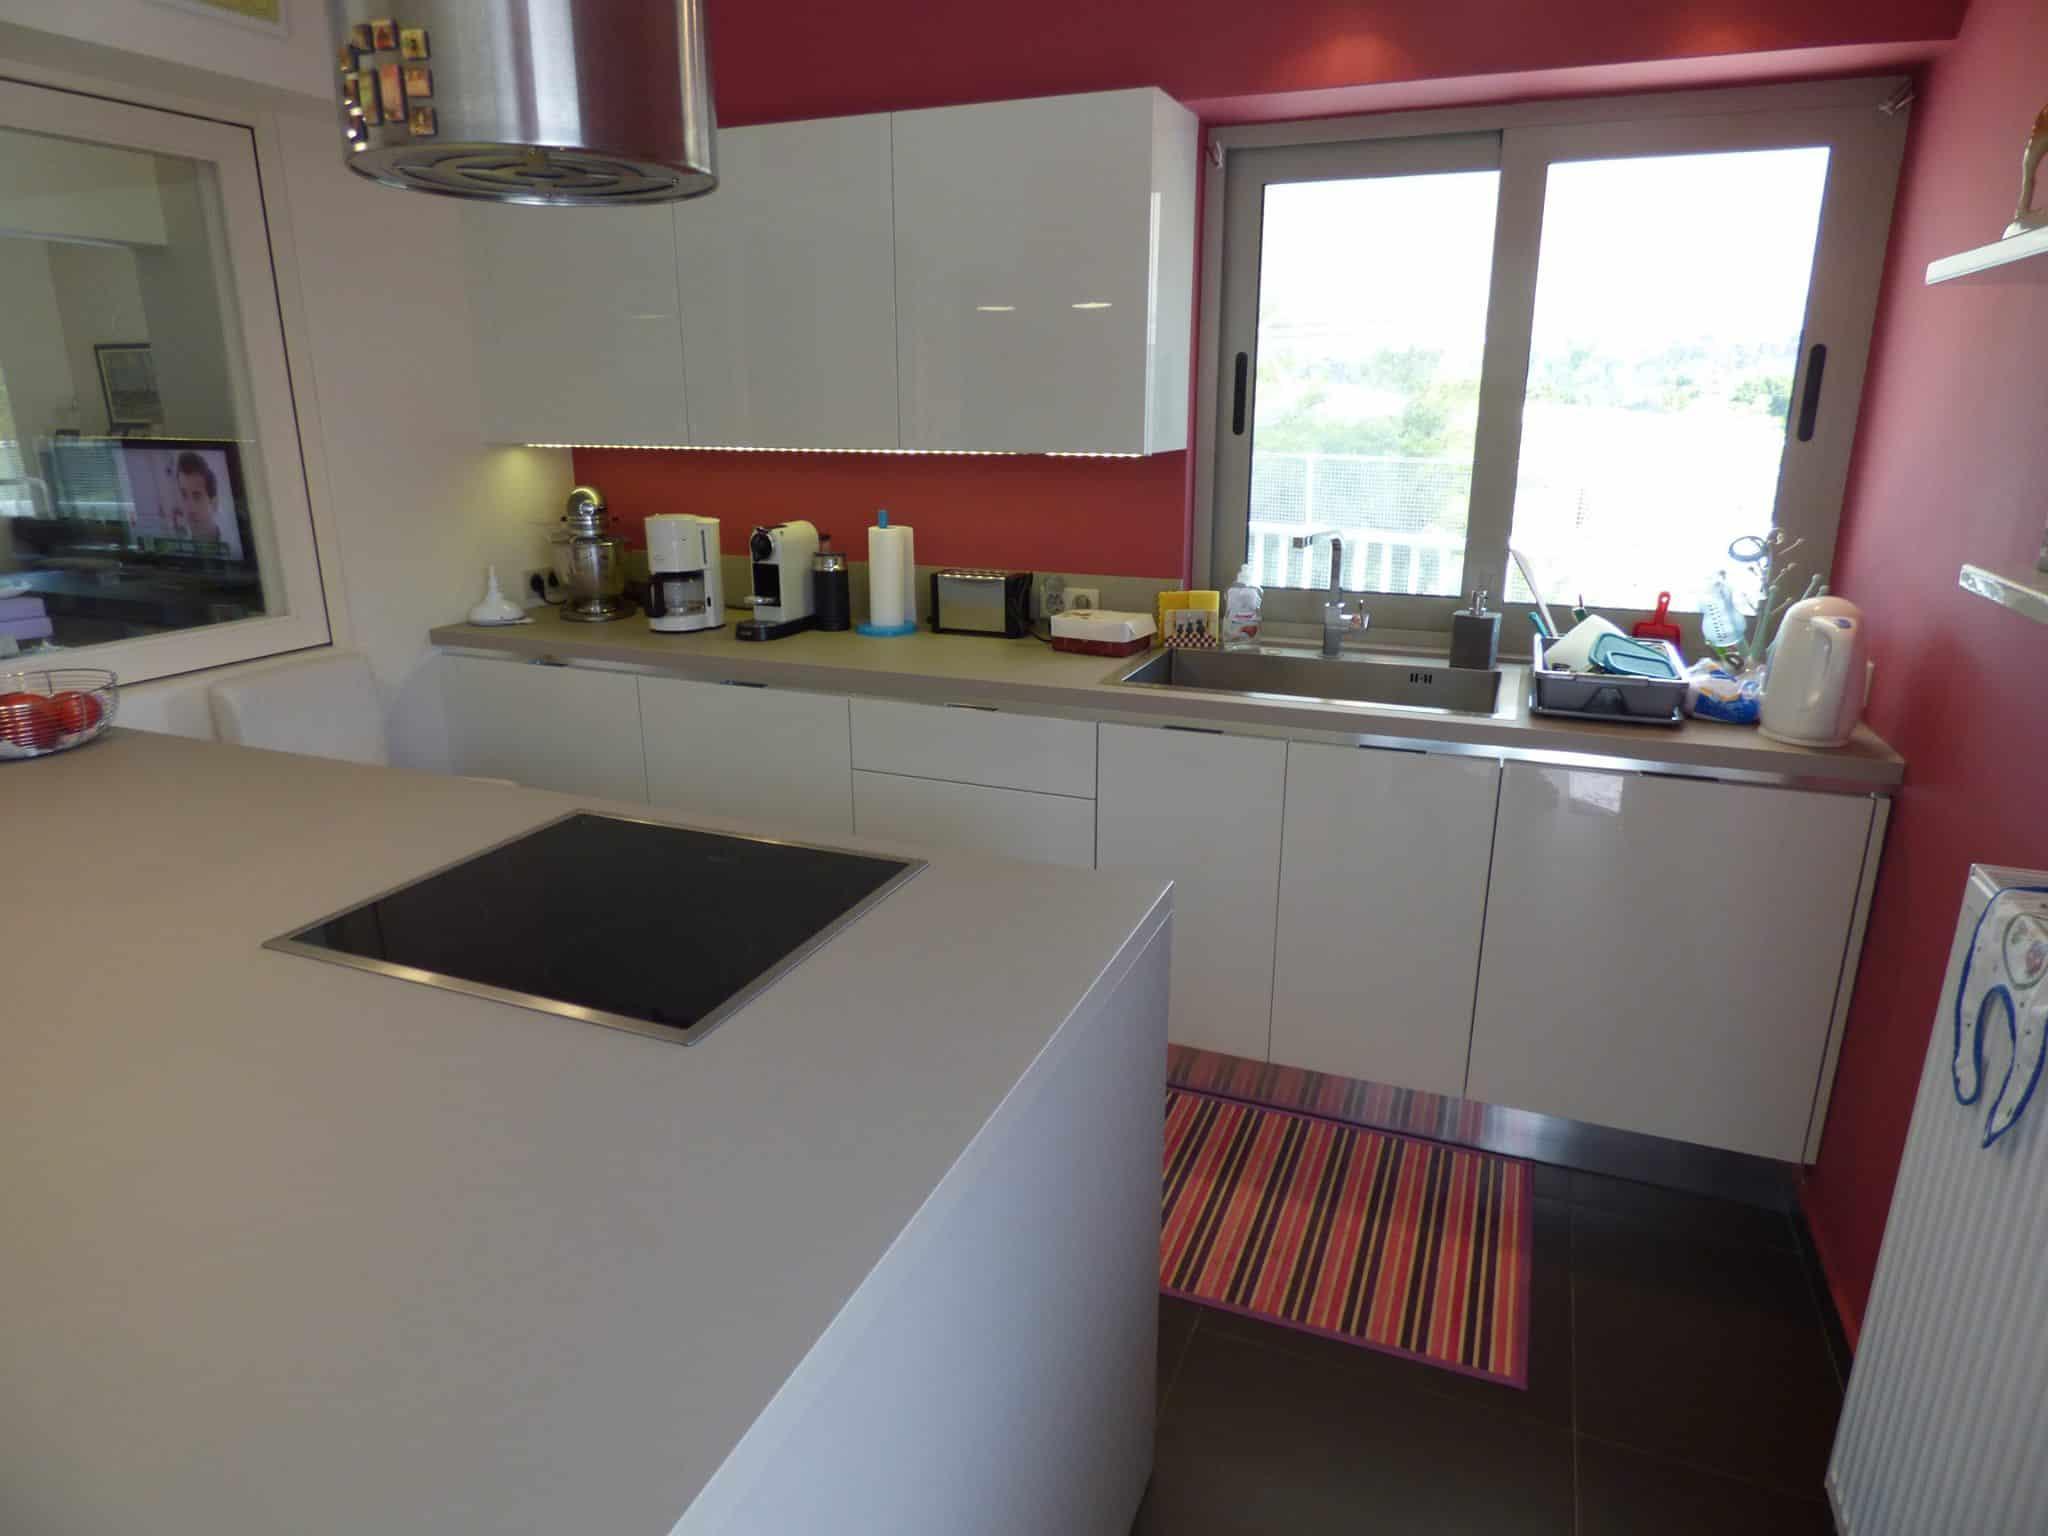 Έπιπλα Κουζίνας Λάκας Nexa με χωνετή λαβή Gola και πάγκους Νανοτεχνολογίας FENIX NTM® χρωματισμού Zinco Doha 38